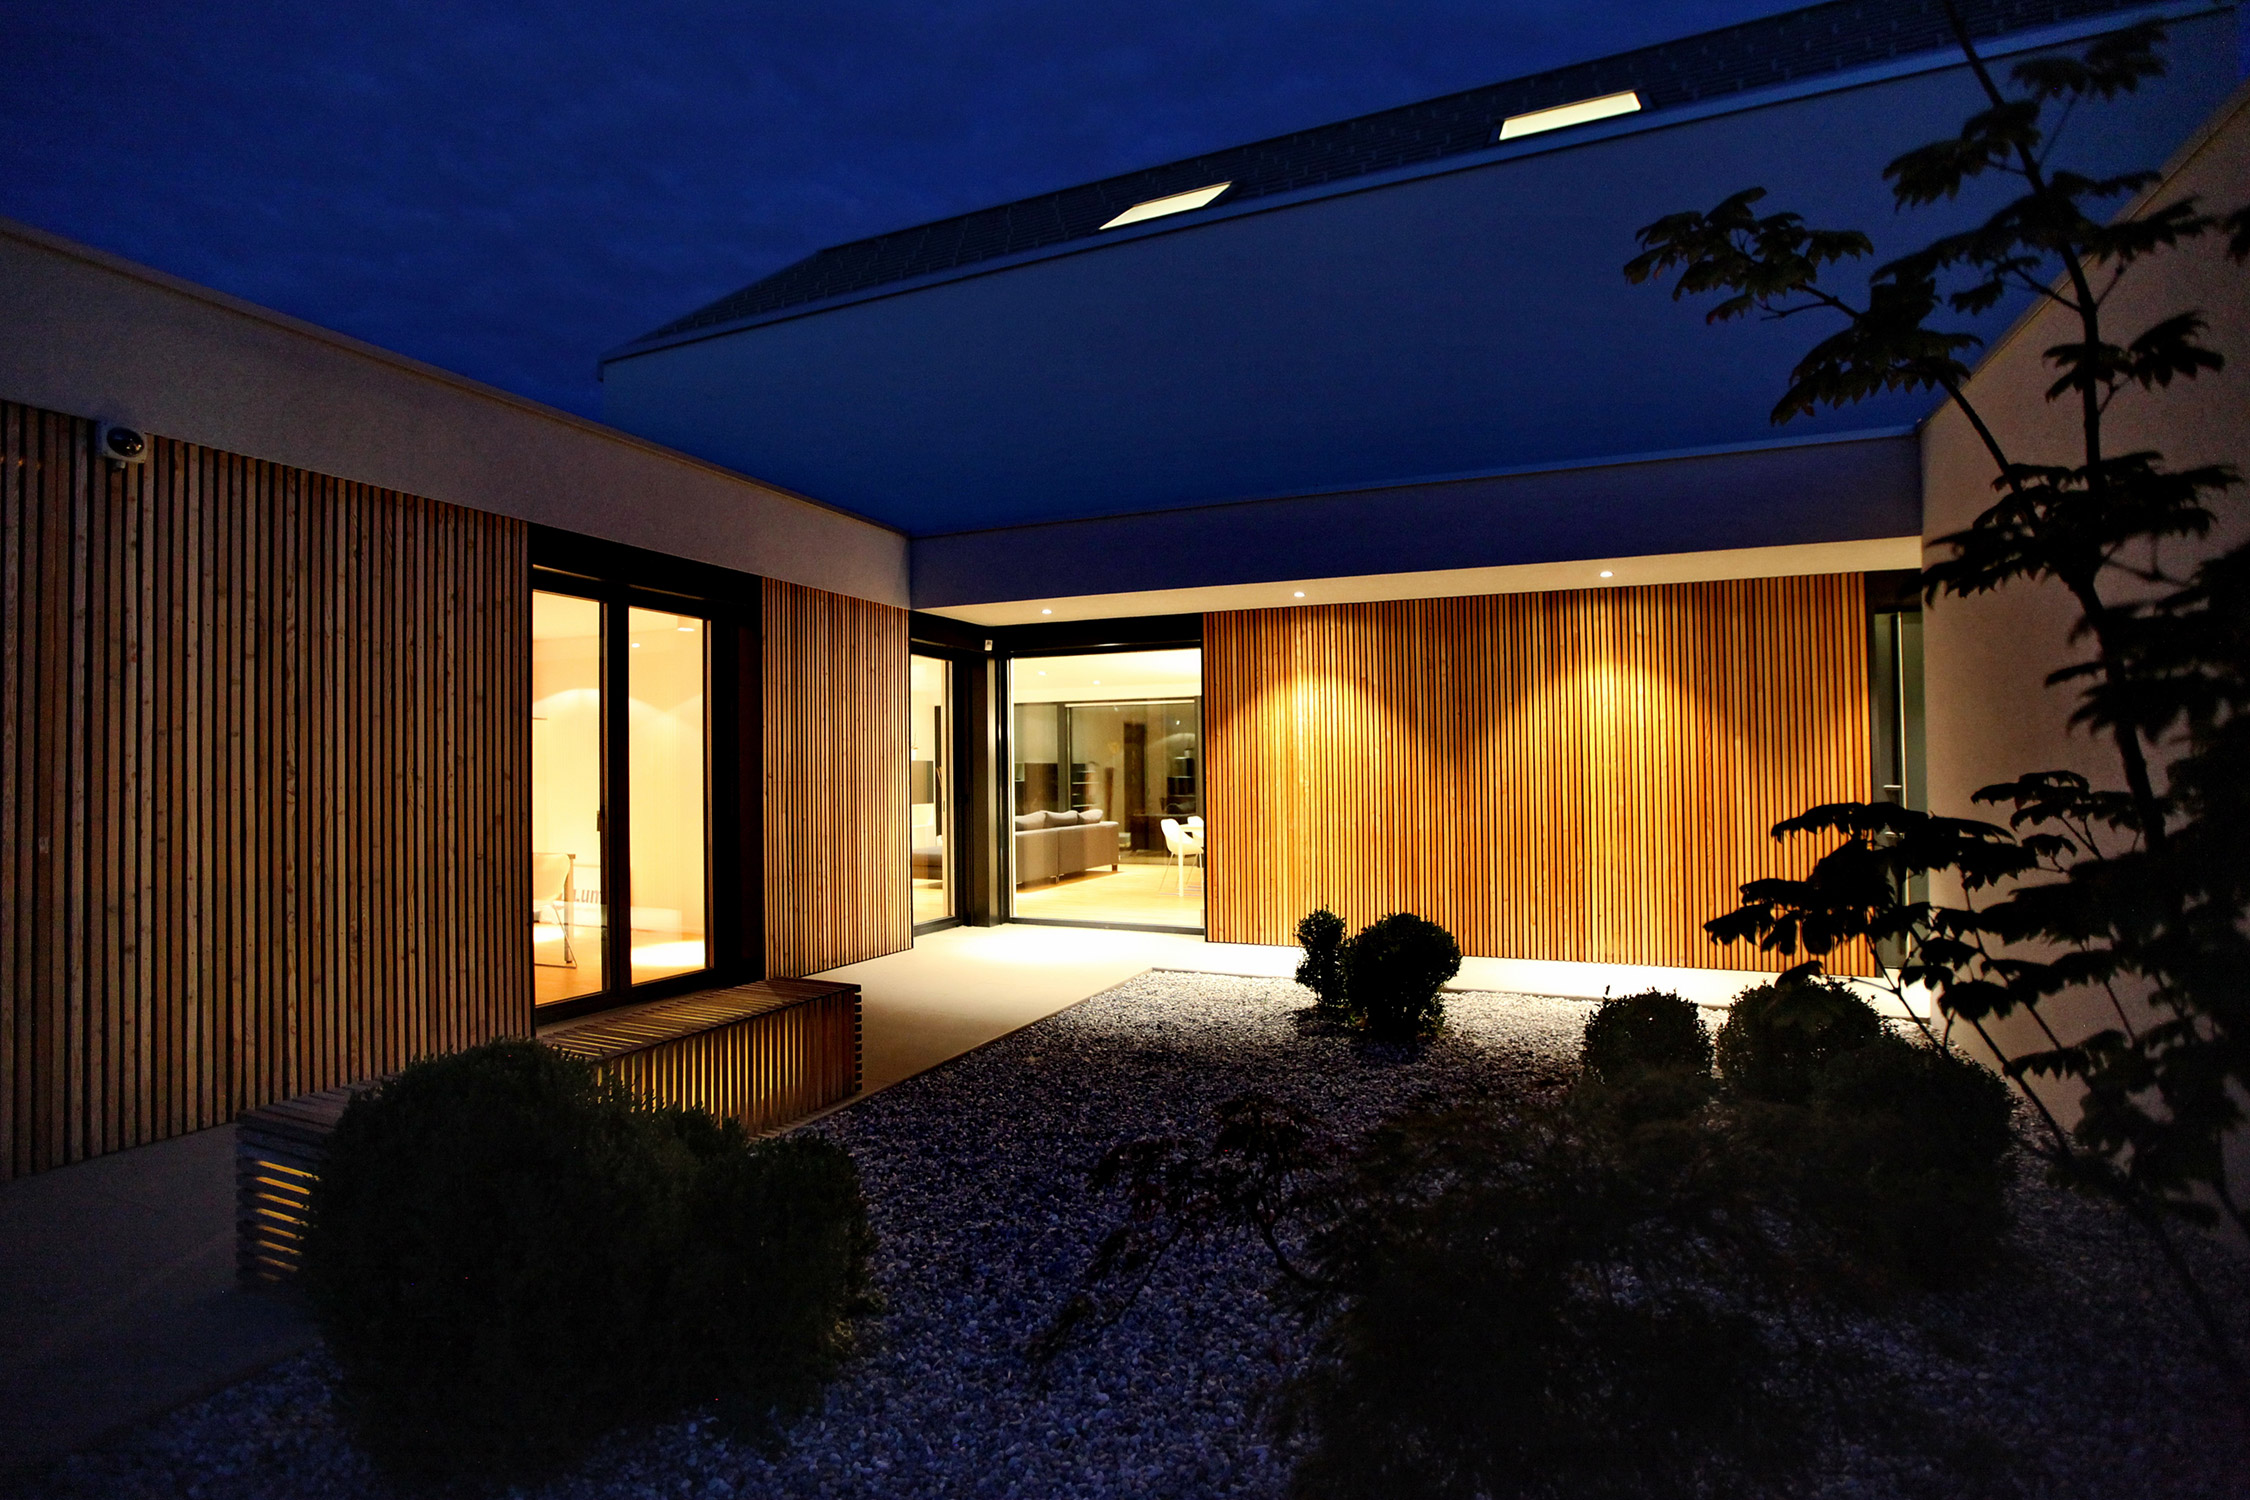 Nočna osvetlitev atrija aktivne hiše Lumar